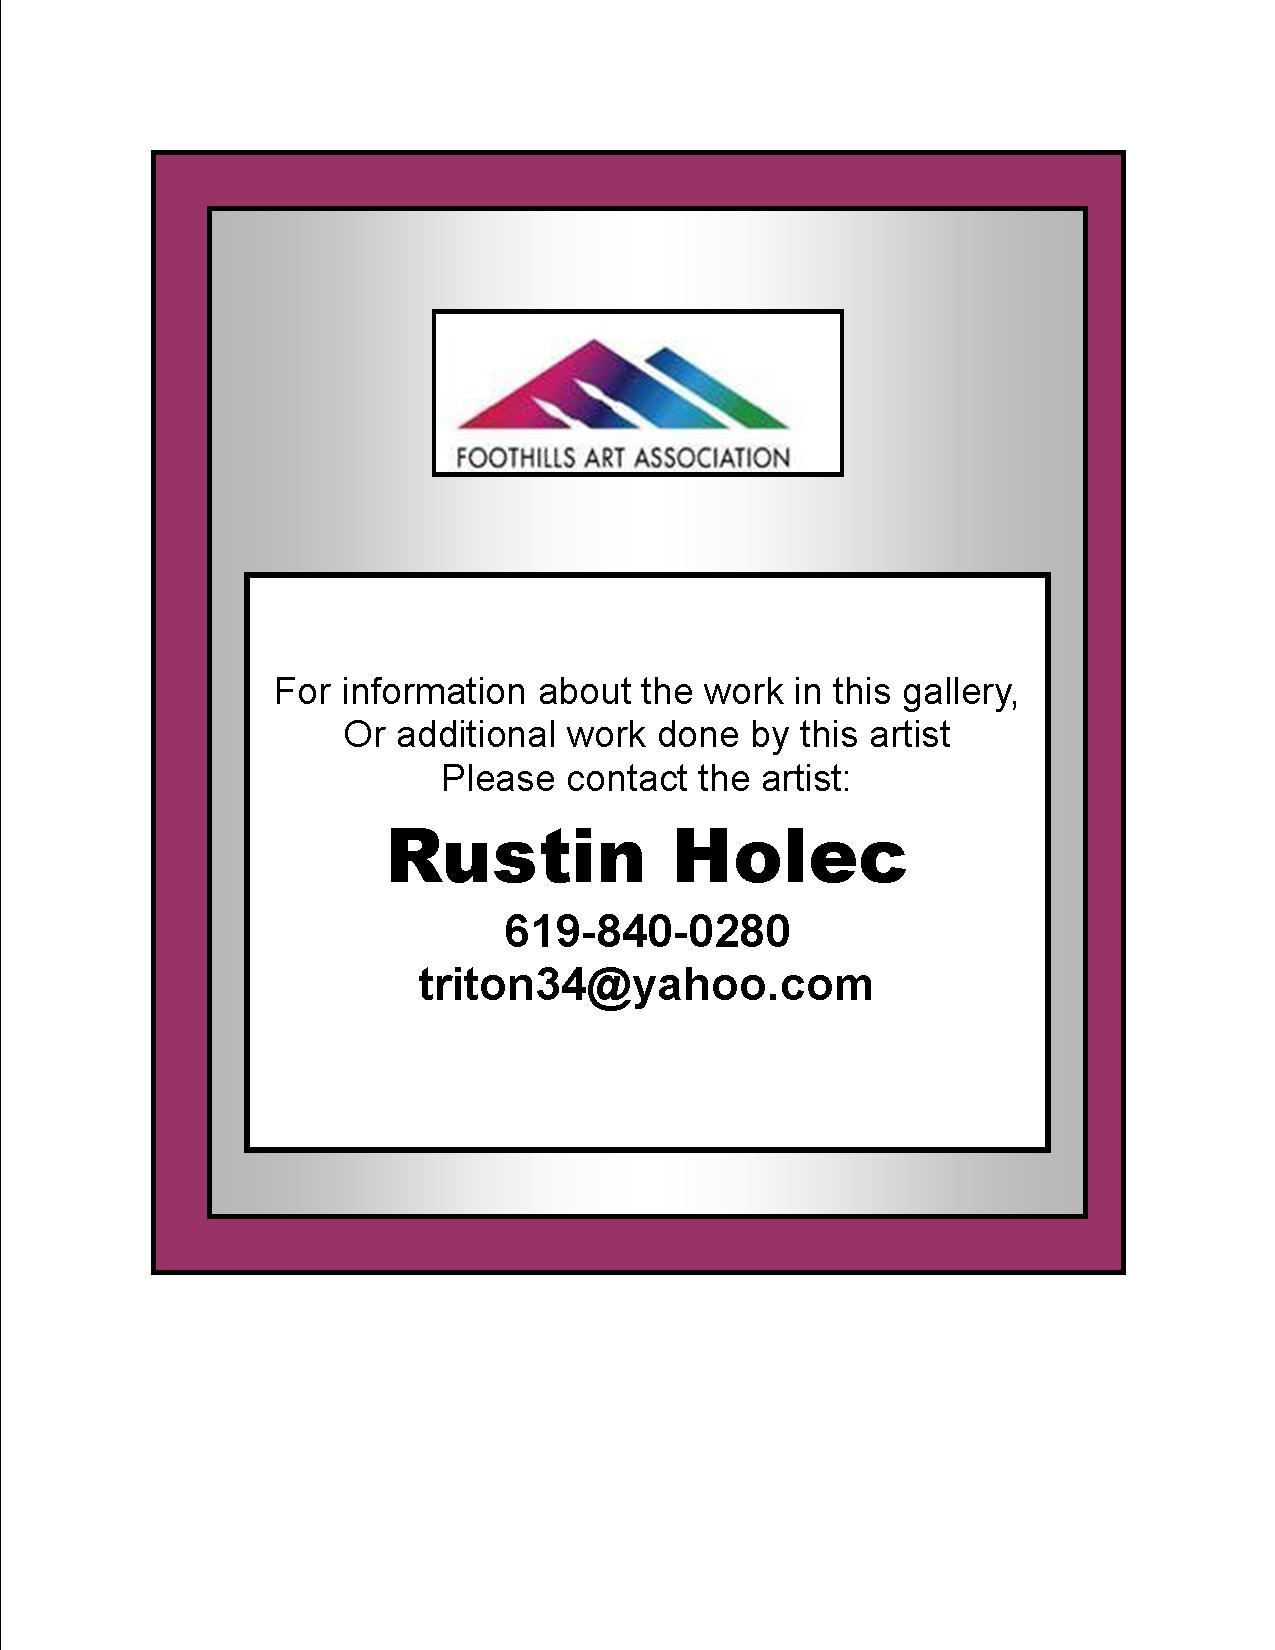 Rustin Holec